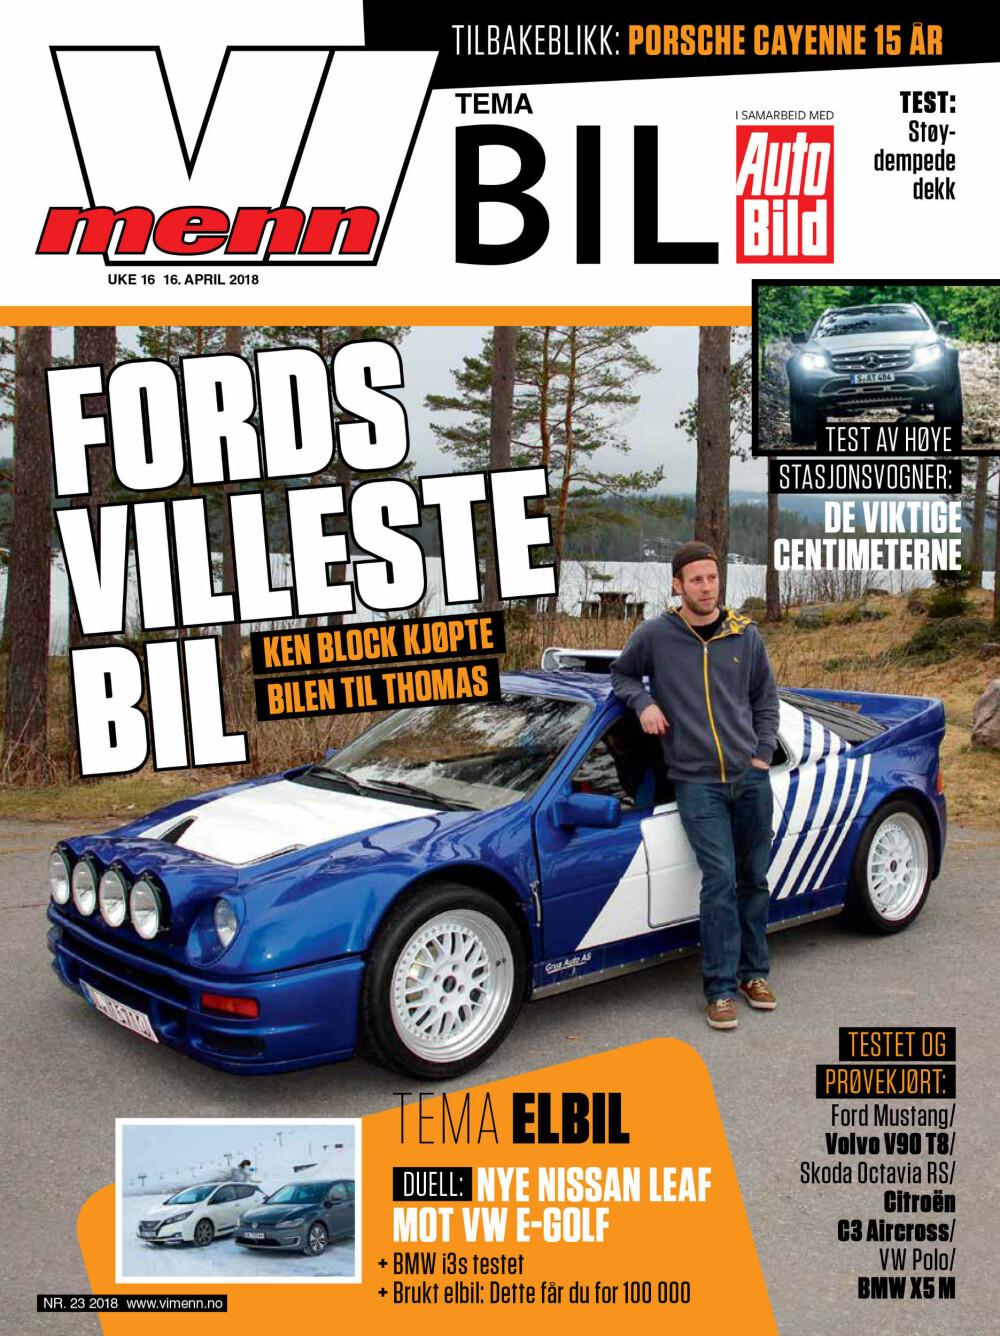 VI MENN BIL: Les hele testen av Nissan Leaf 2018 mot e-Golf i Vi Menn Bil #2. Klikk her for å abonnere på Vi Menn.